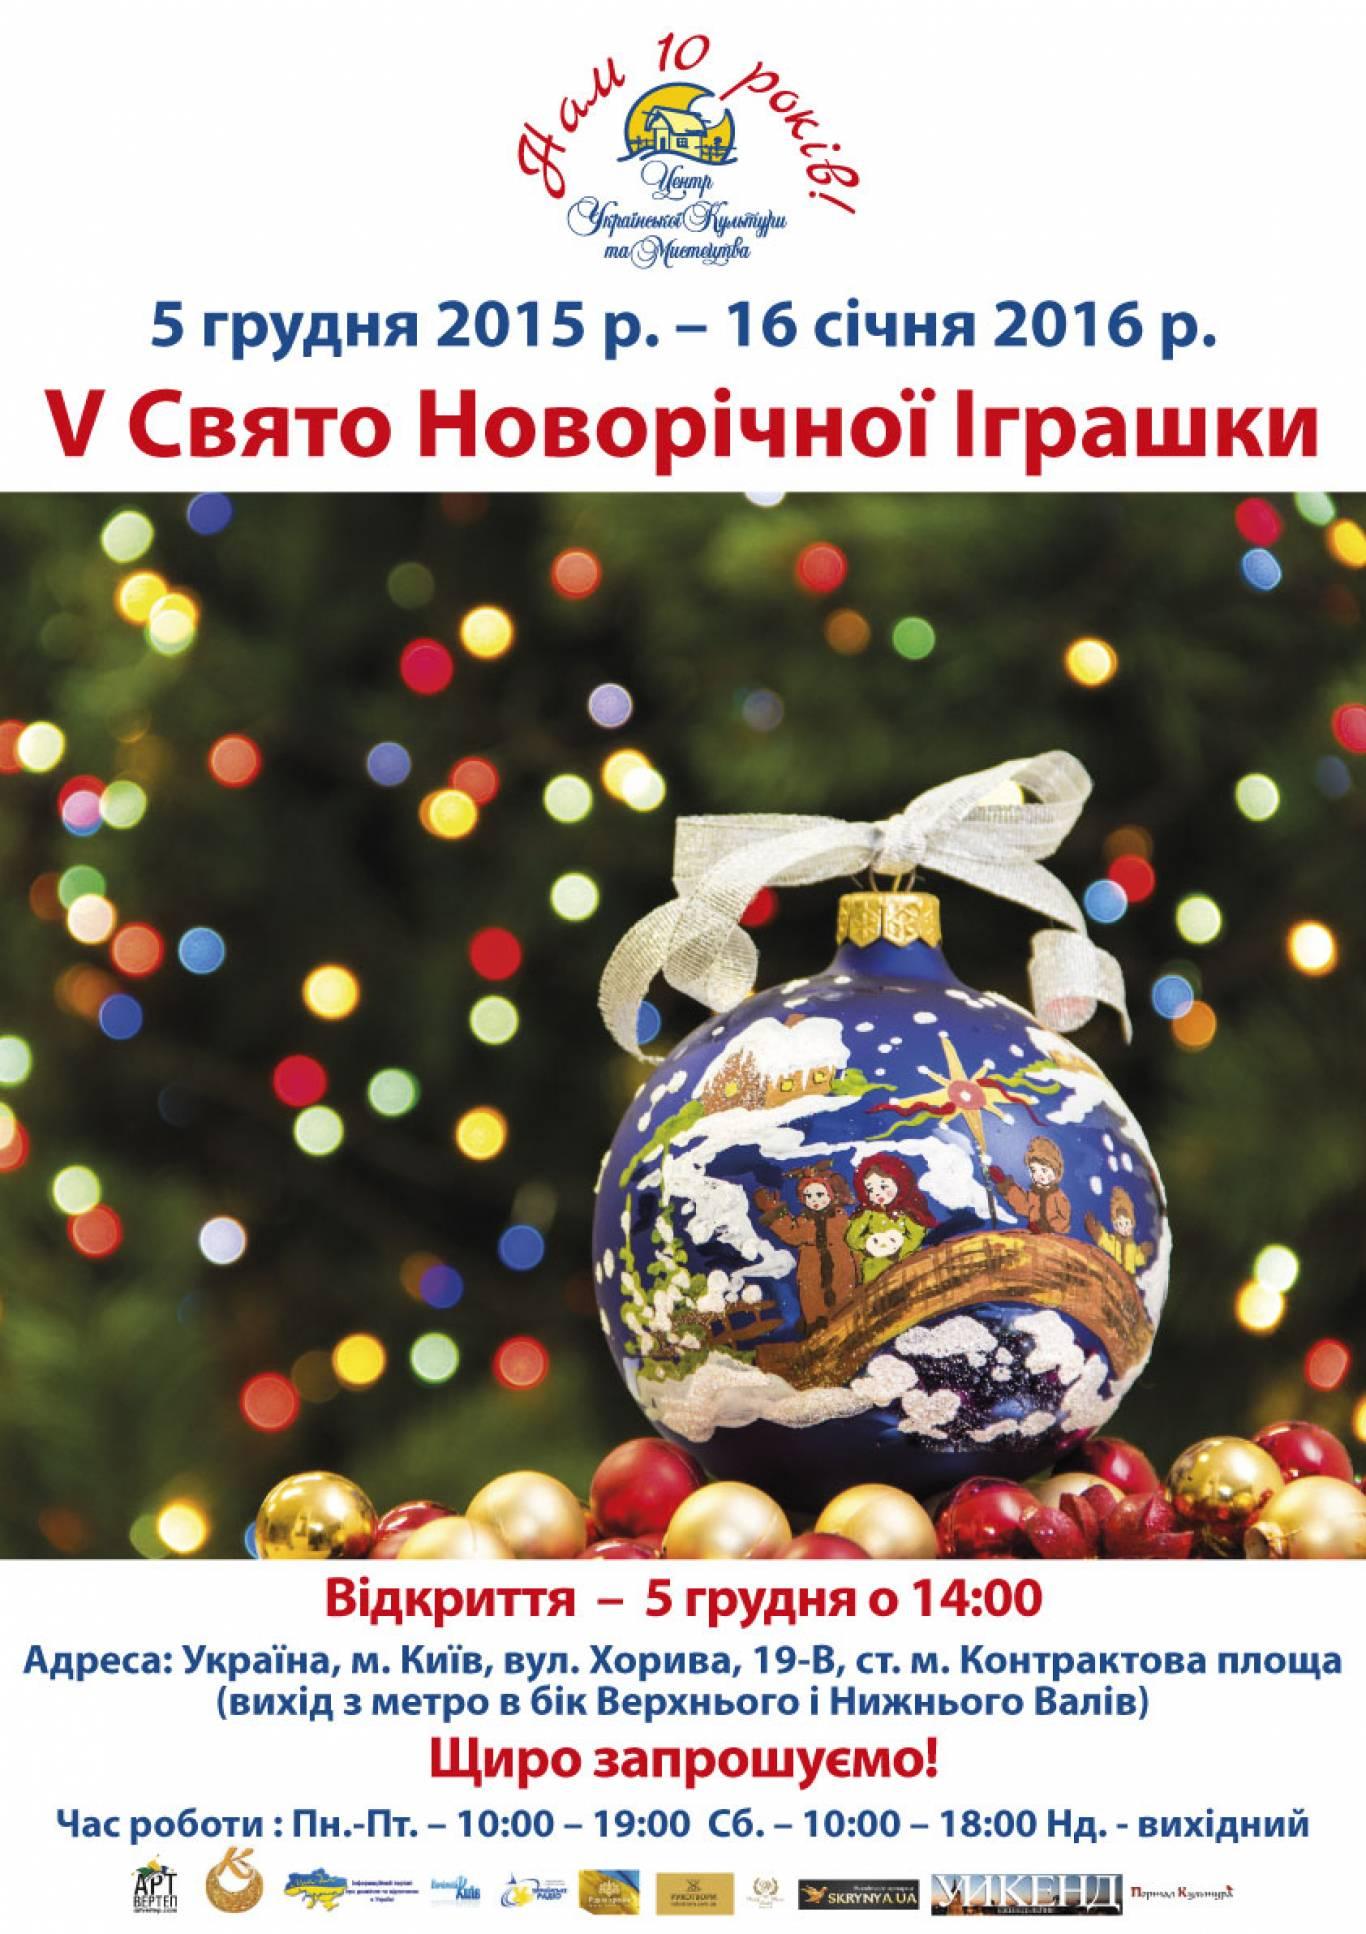 V Свято Новорічної Іграшки в Центрі Української Культури та Мистецтва